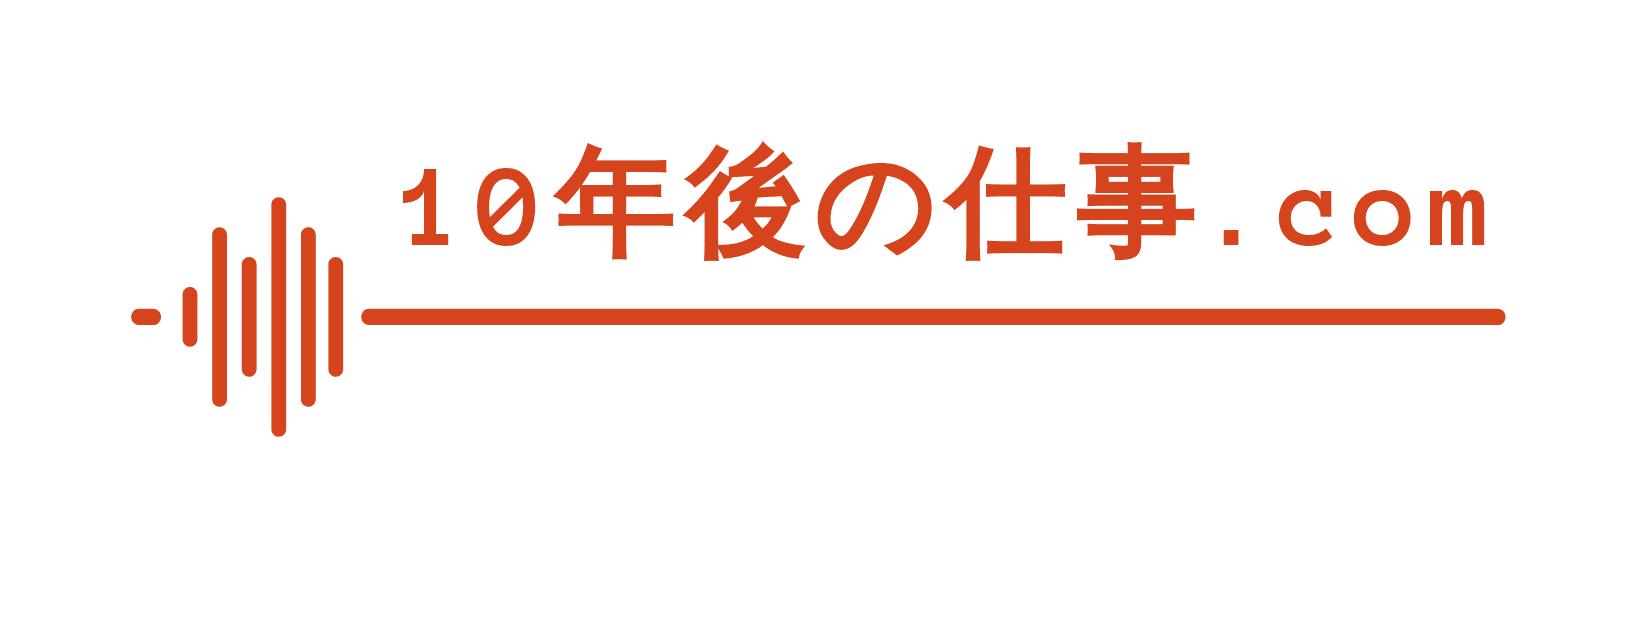 10年後の仕事.com